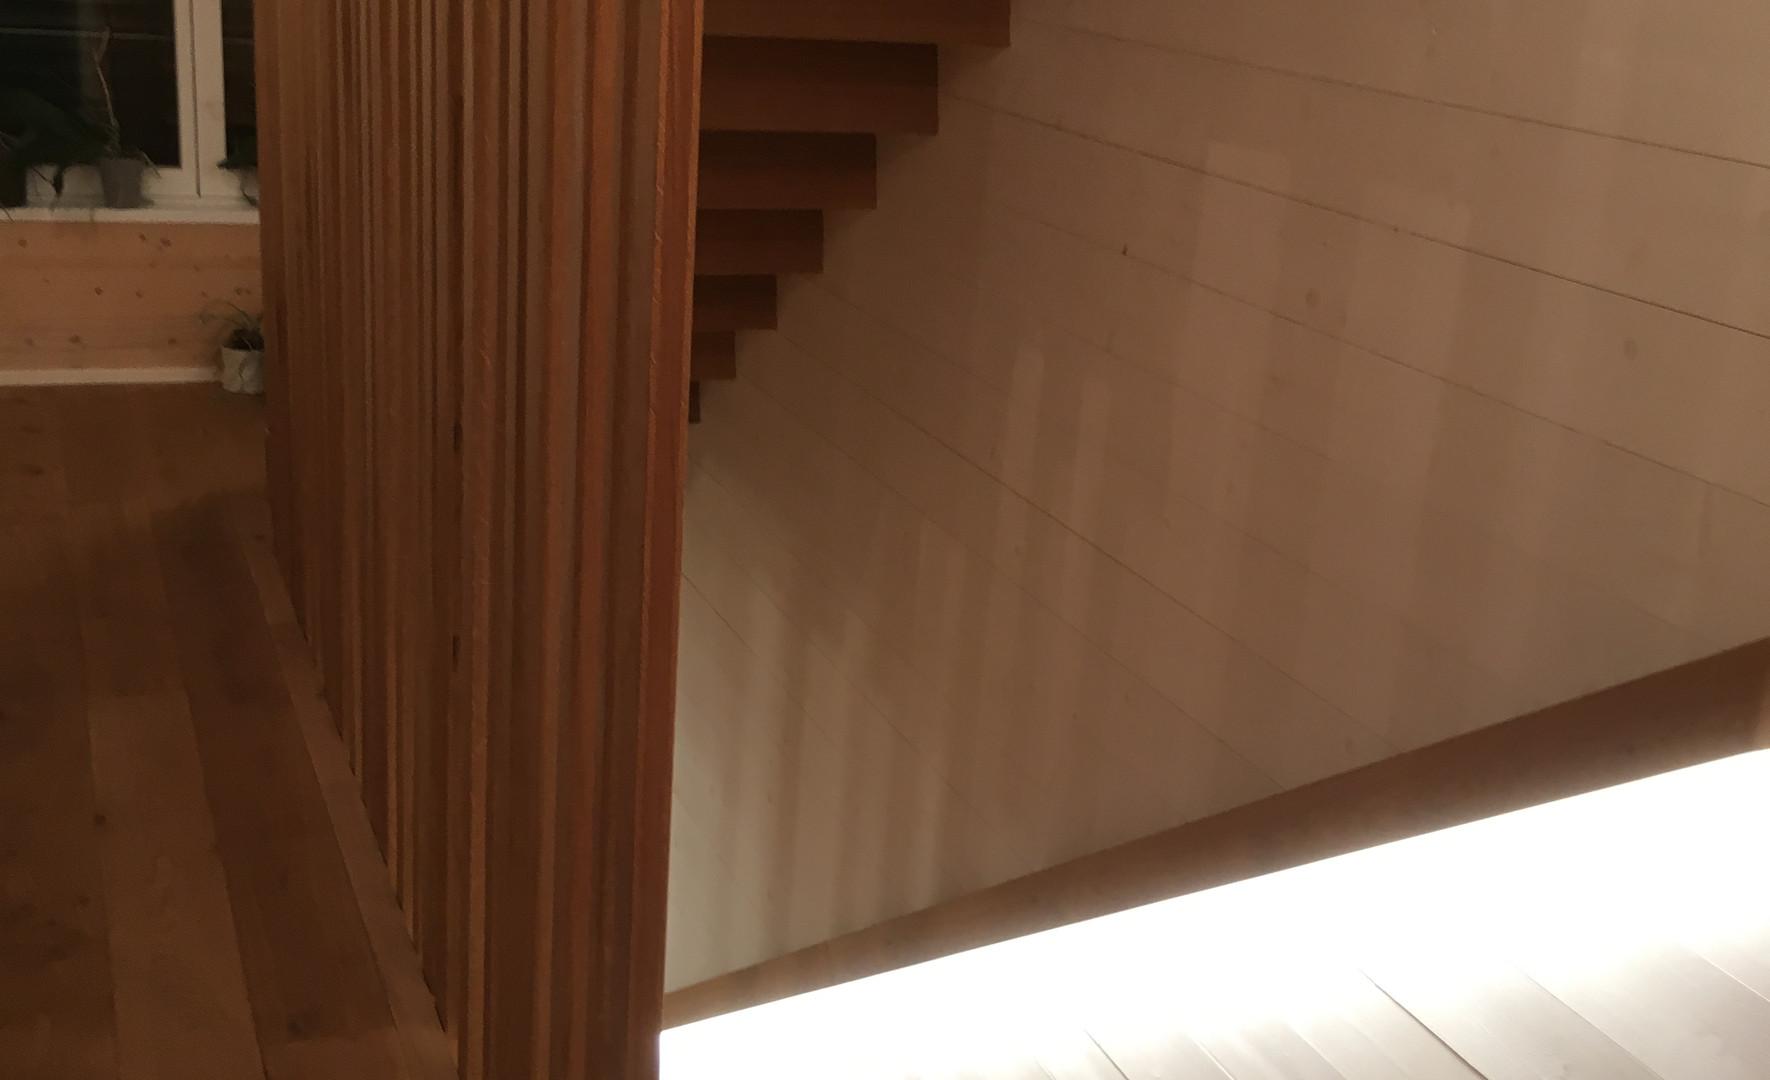 escalier vue 3